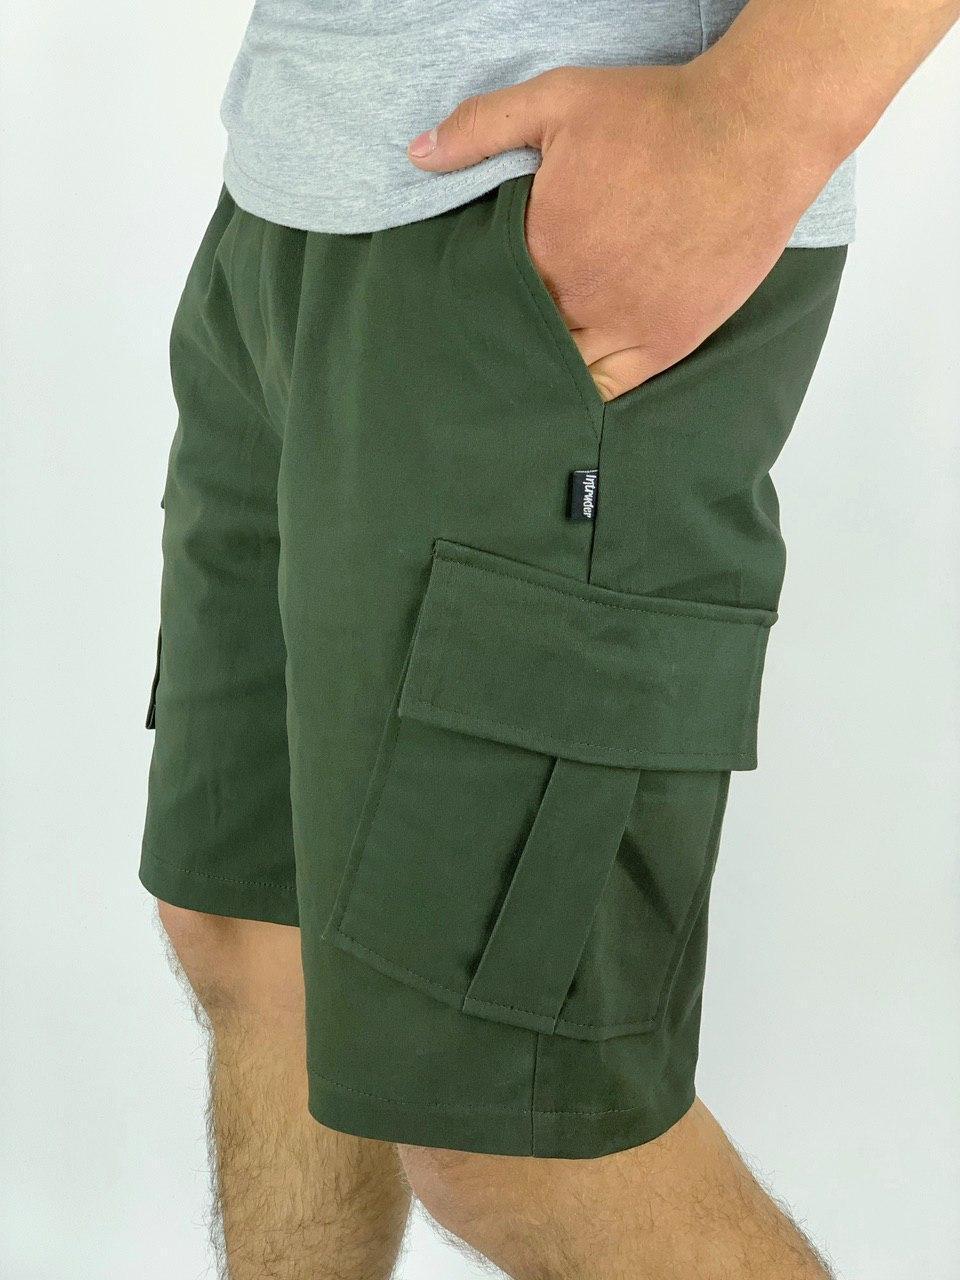 Шорты карго мужские Miami x khaki   Бриджи мужские с карманами трикотажные летние ТОП качества